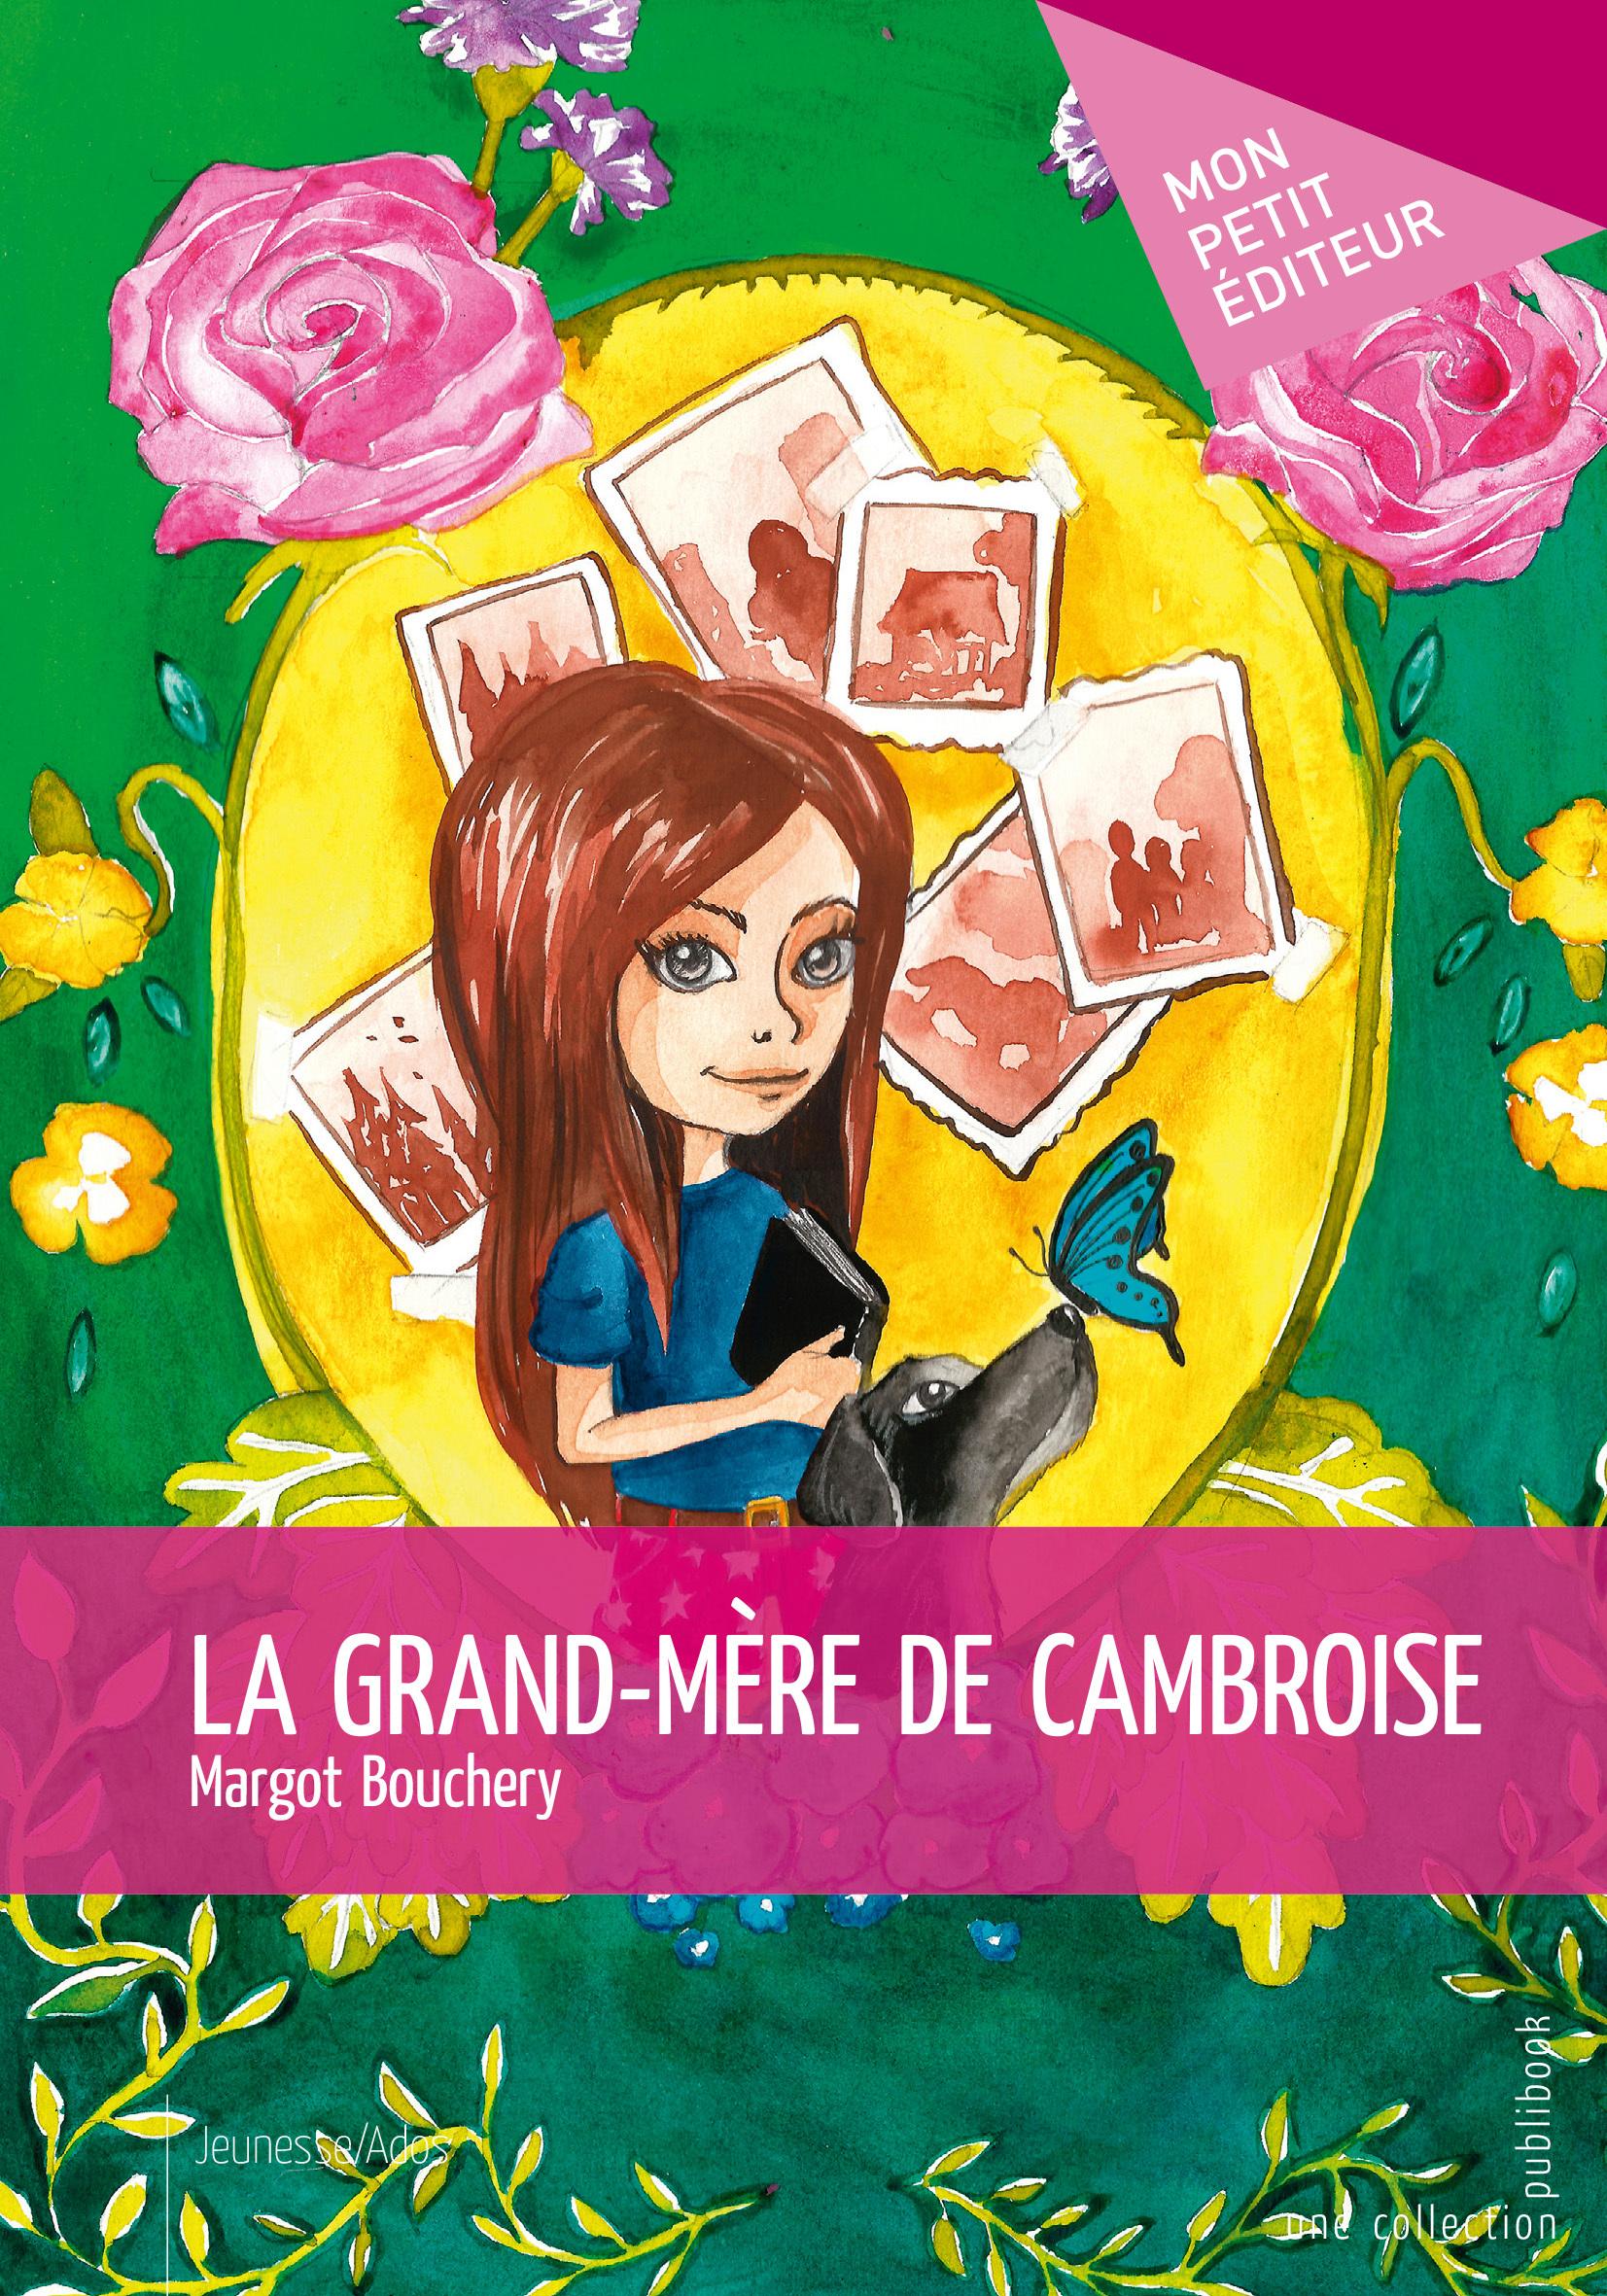 LA GRAND-MERE DE CAMBROISE